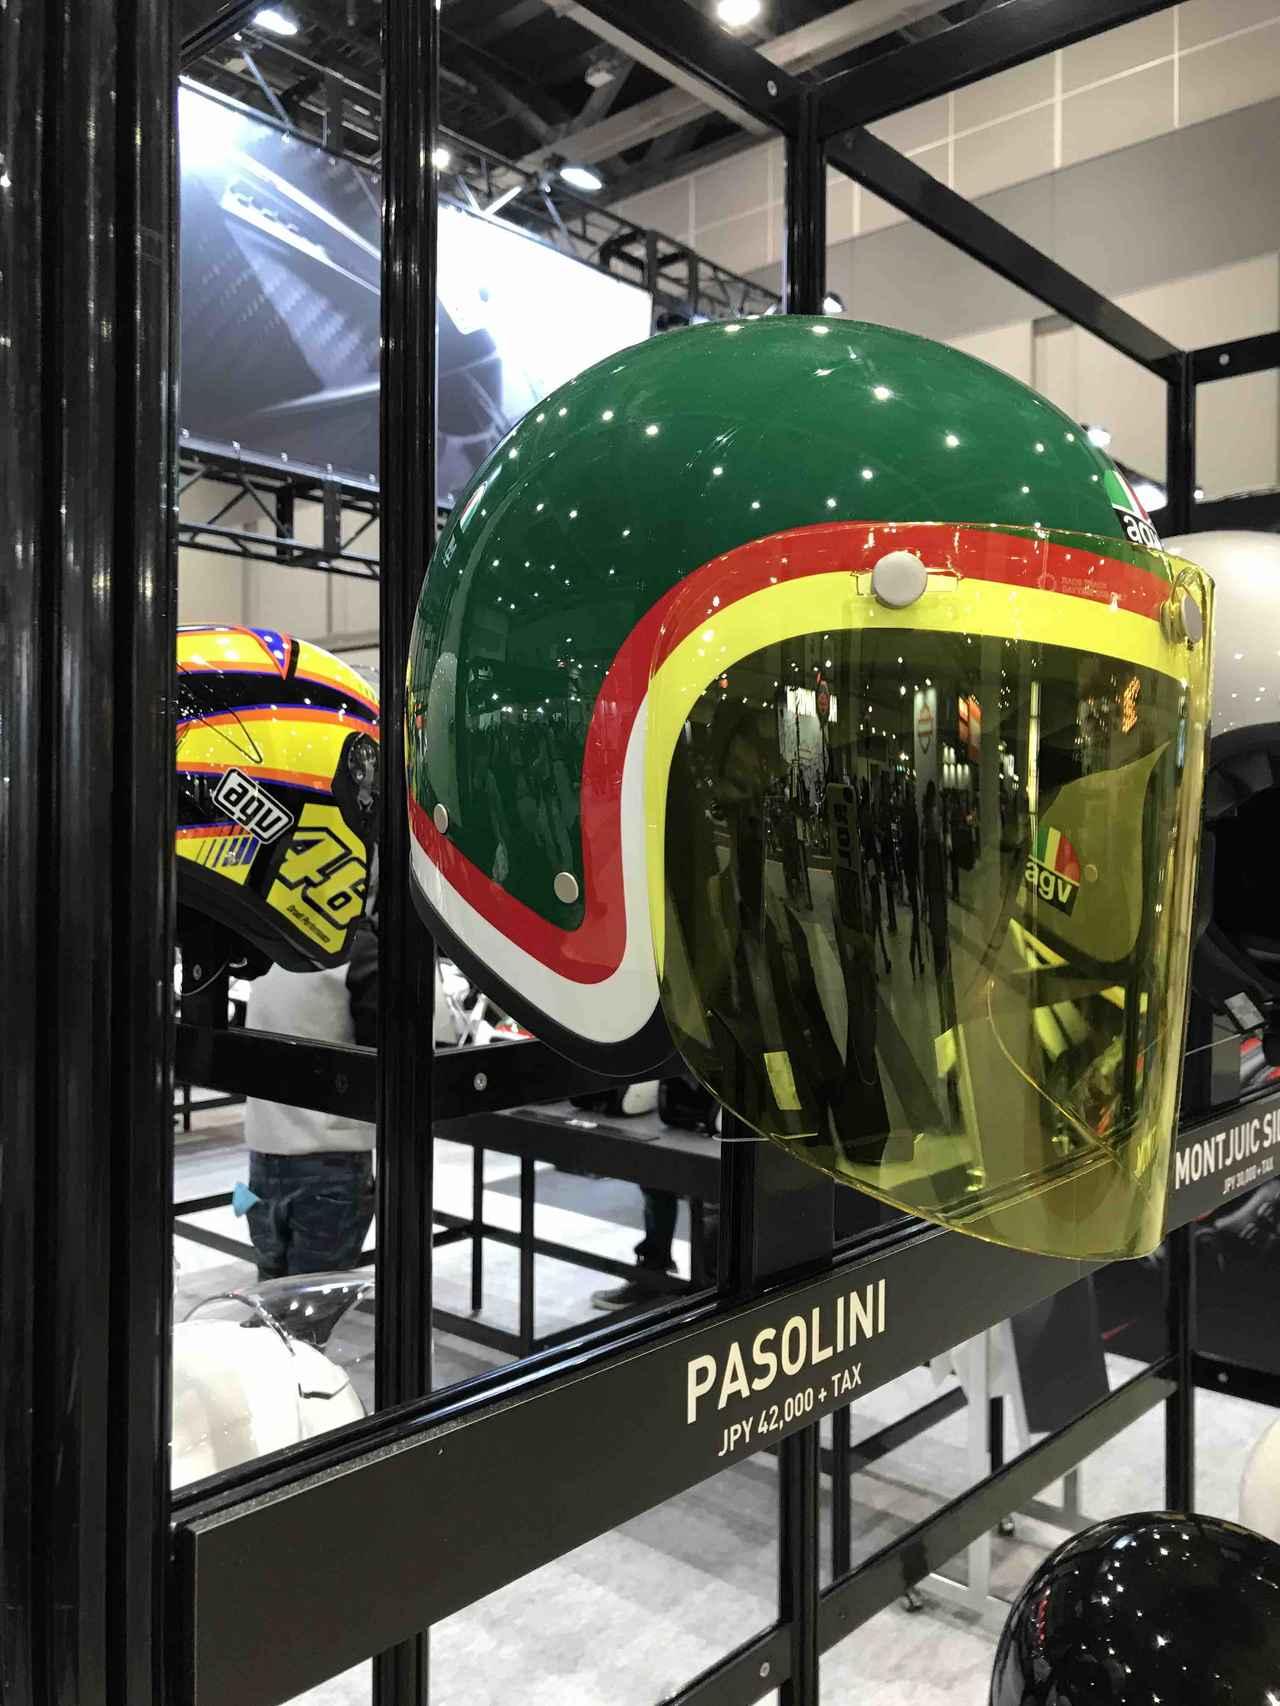 画像: こちらはイタリアの英雄、レンツォ・パゾリーニのレプリカです。イエローのシールドは、彼が愛用した一眼ゴグルのアイシールドカラーのインスパイアなんでしょうね。